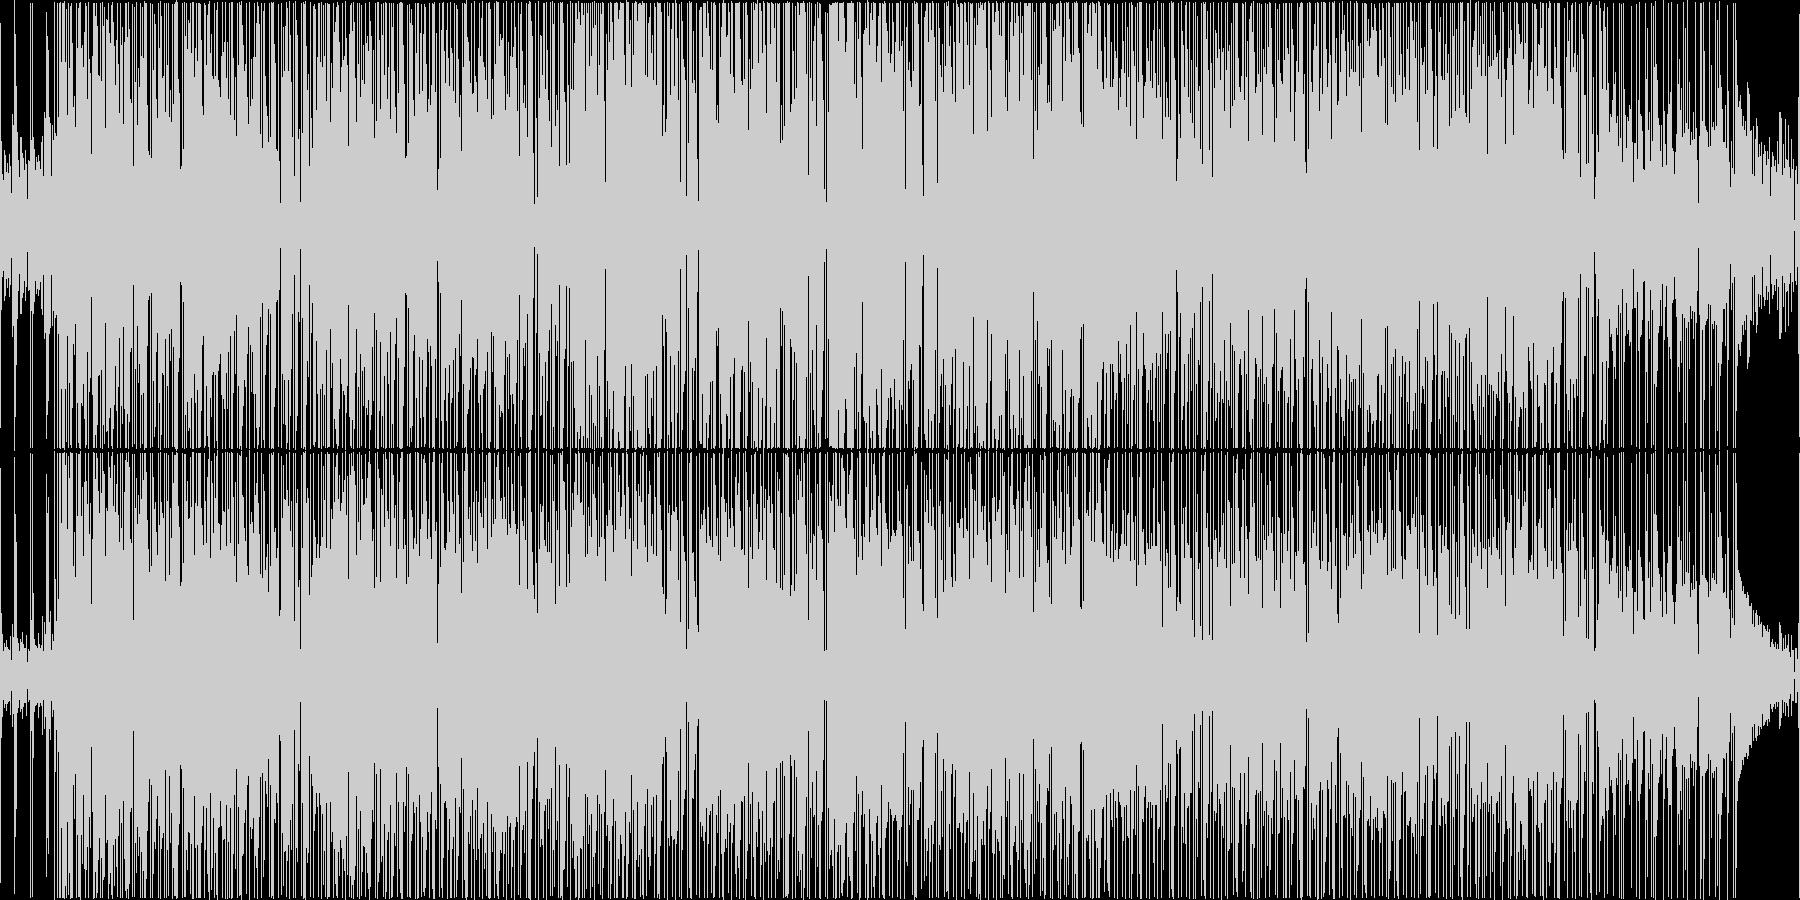 16Beat shuffle Funkの未再生の波形